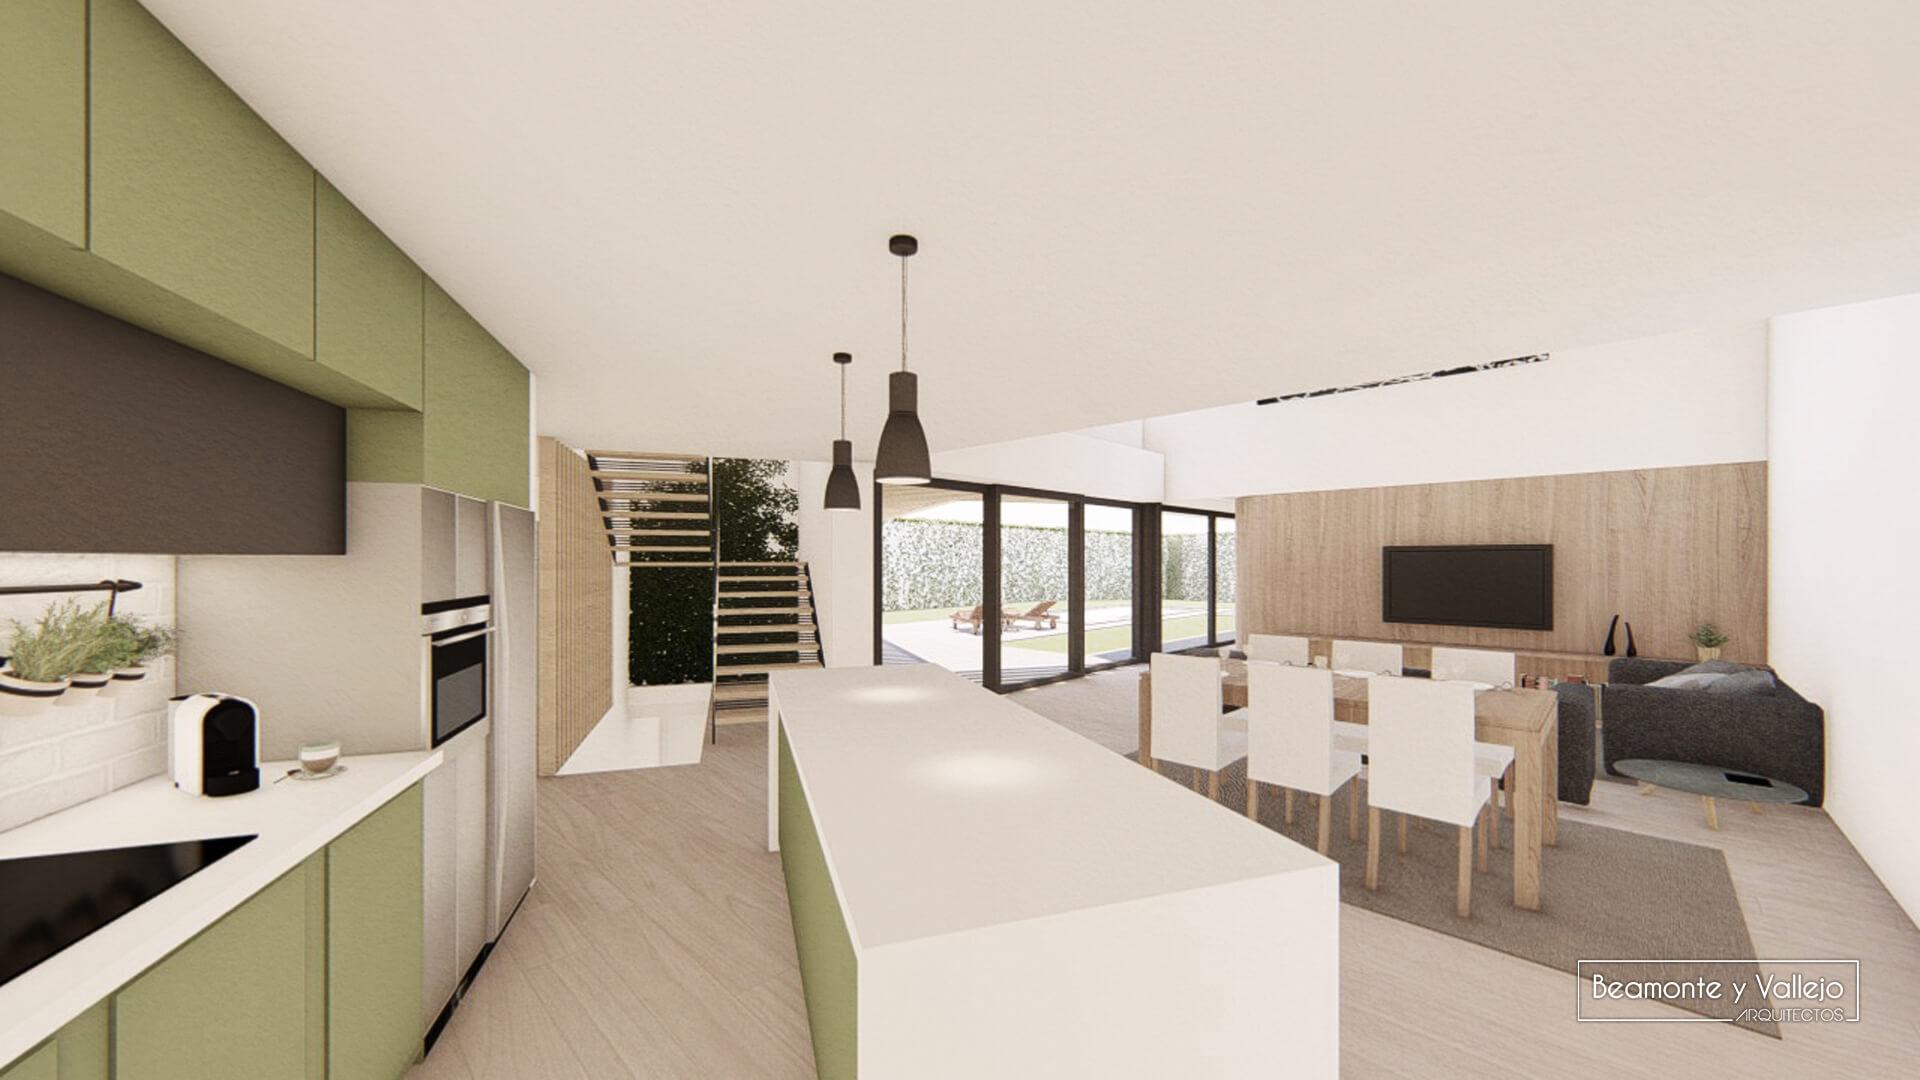 Beamonte y Vallejo arquitectos - Passivhaus Las Lomas 1 - 9